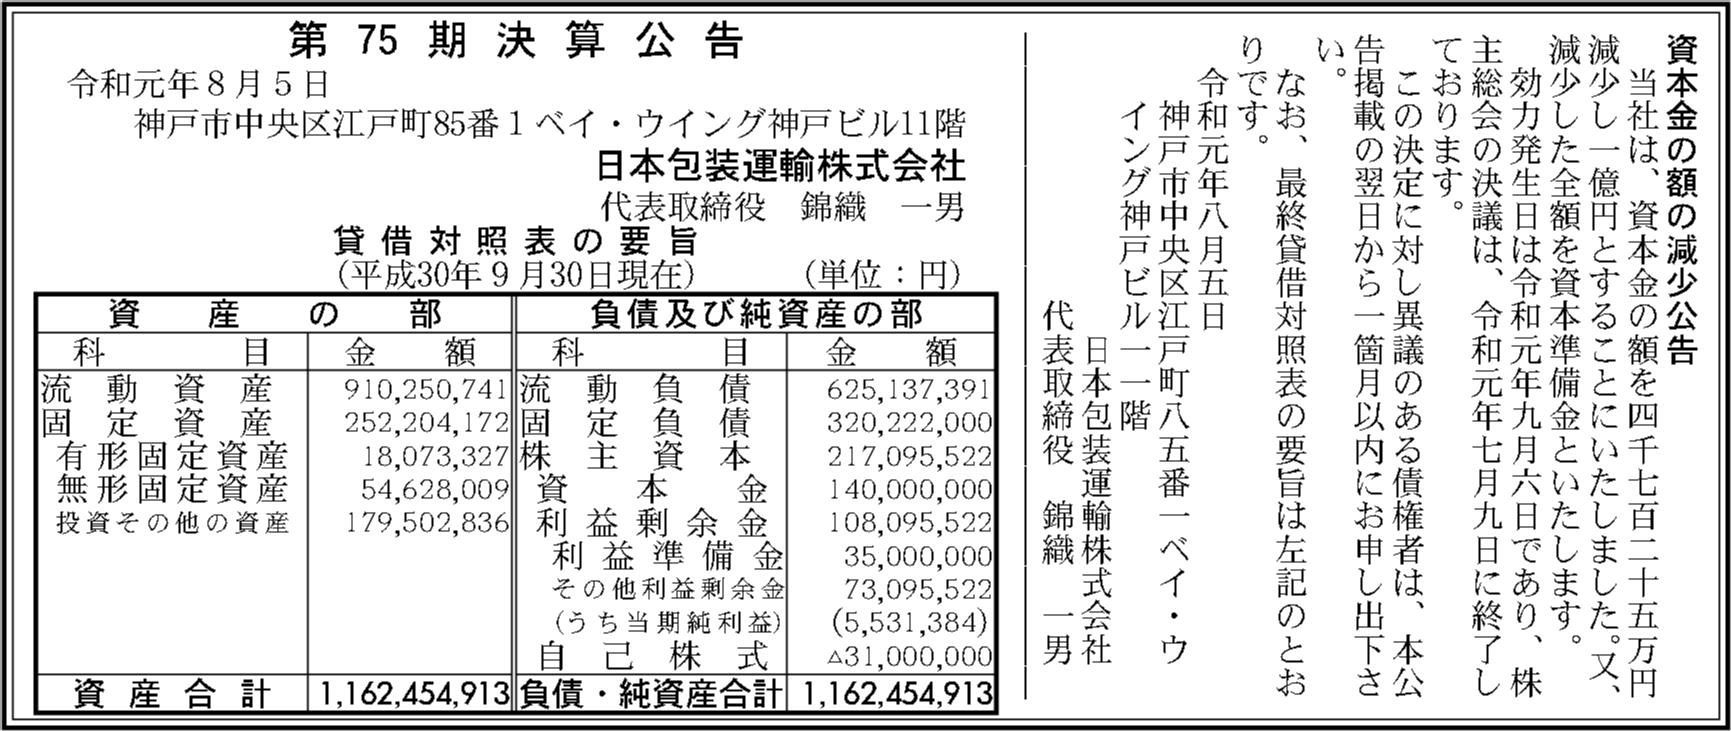 0061 09dd8d356d56f04a57b1bd057f576ad0893eae9e48315994dbd0e1cd1aeffaa7a1bbac821ed9ea3e09cdc646513bd378e047813cf708bf5f61e7a195ac85465e 04